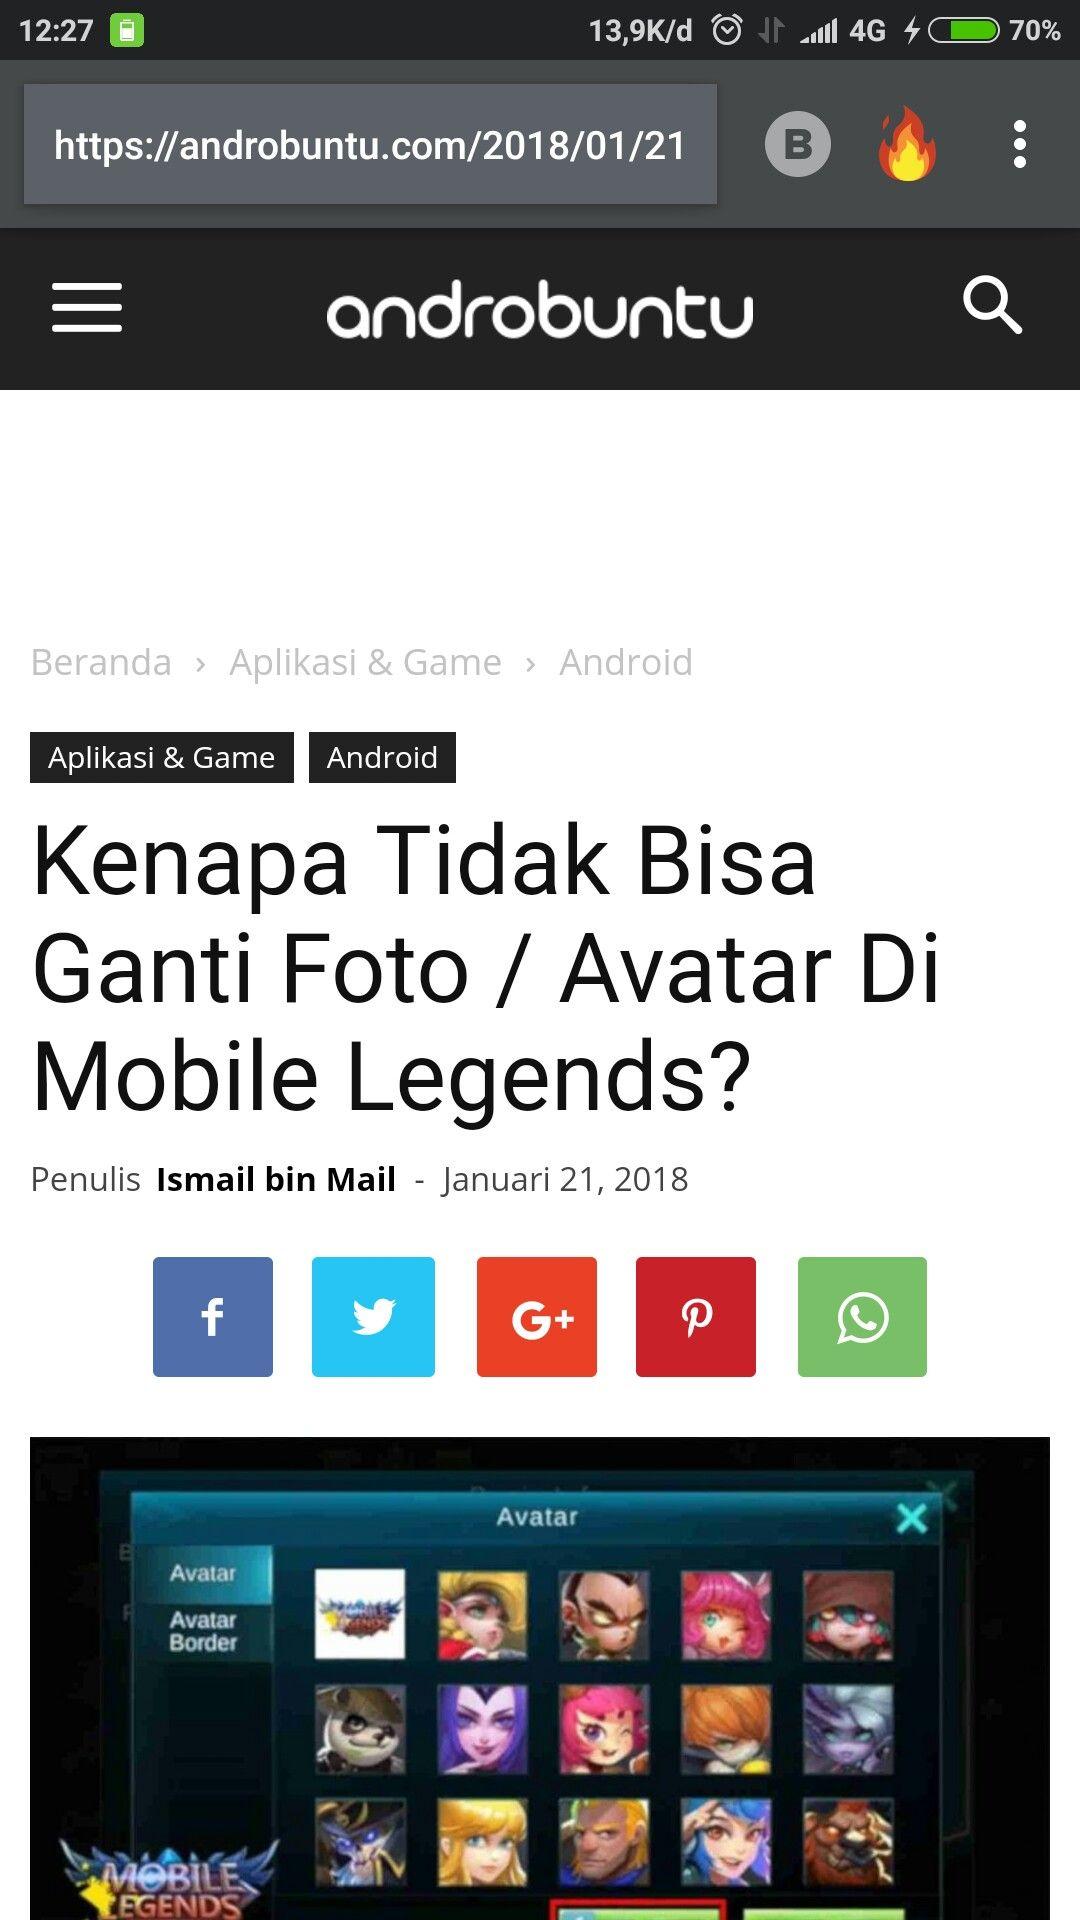 Kenapa tidak bisa ganti avatar di mobile Legends Cari tahu jawabannya di androbuntu